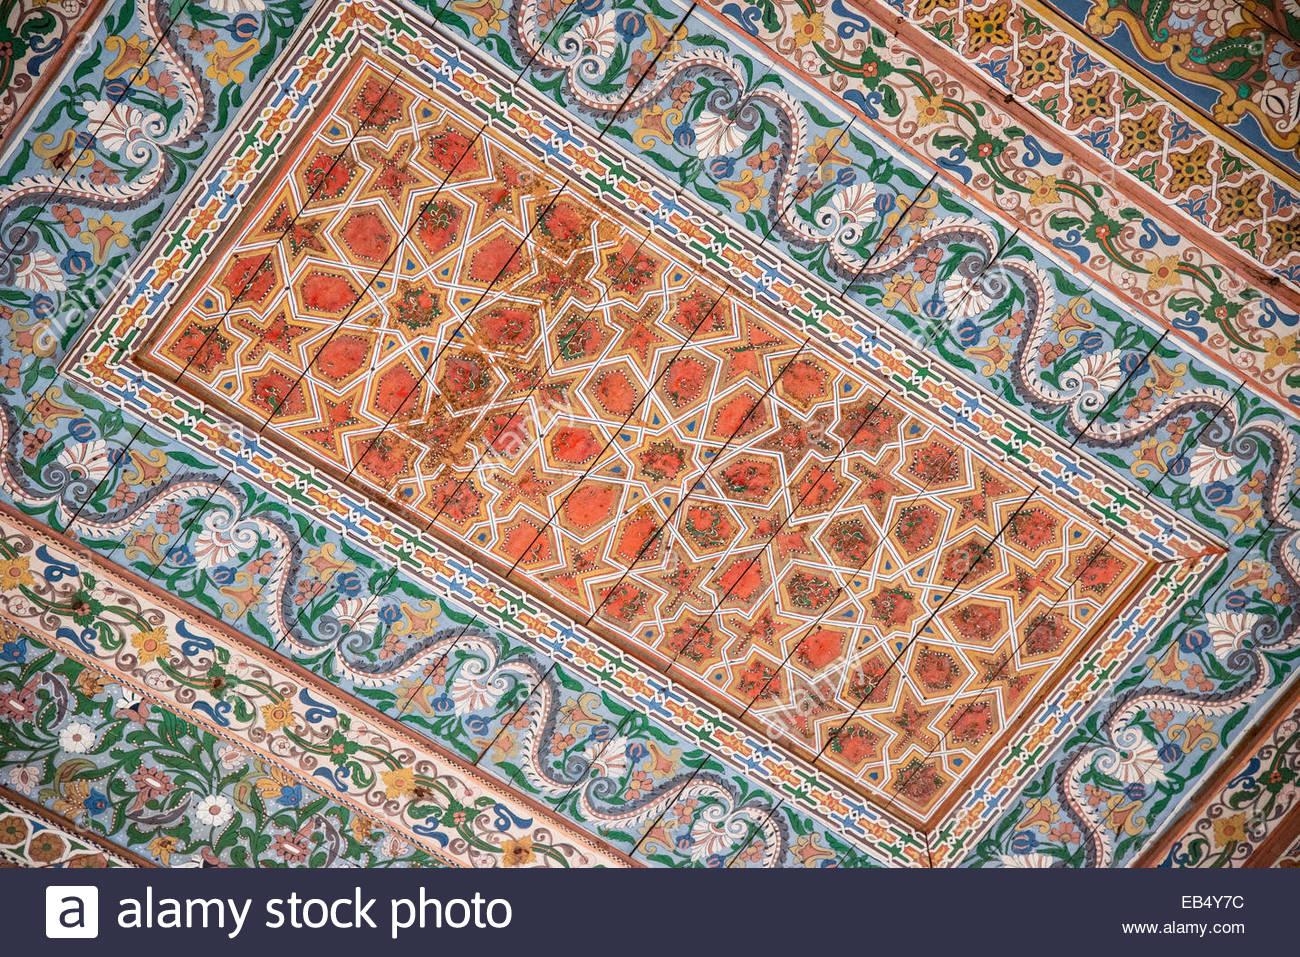 19th century tiles stock photos 19th century tiles stock images mosaic tiles in 19th century bahia palace marrakech stock image shiifo